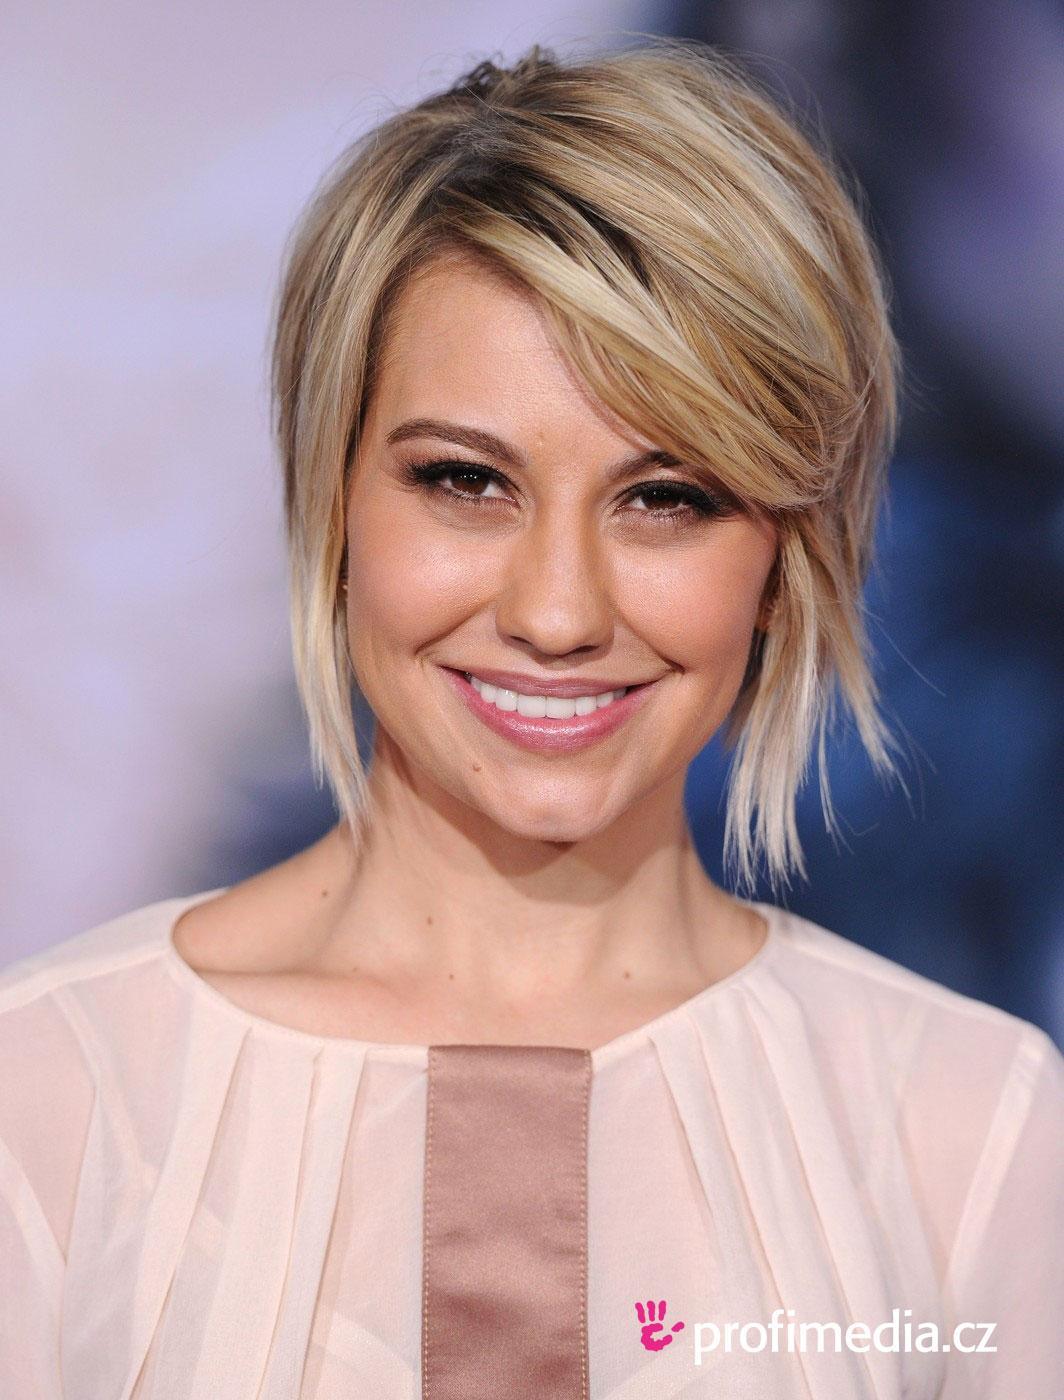 Chelsea Kane Hairstyle Easyhairstyler